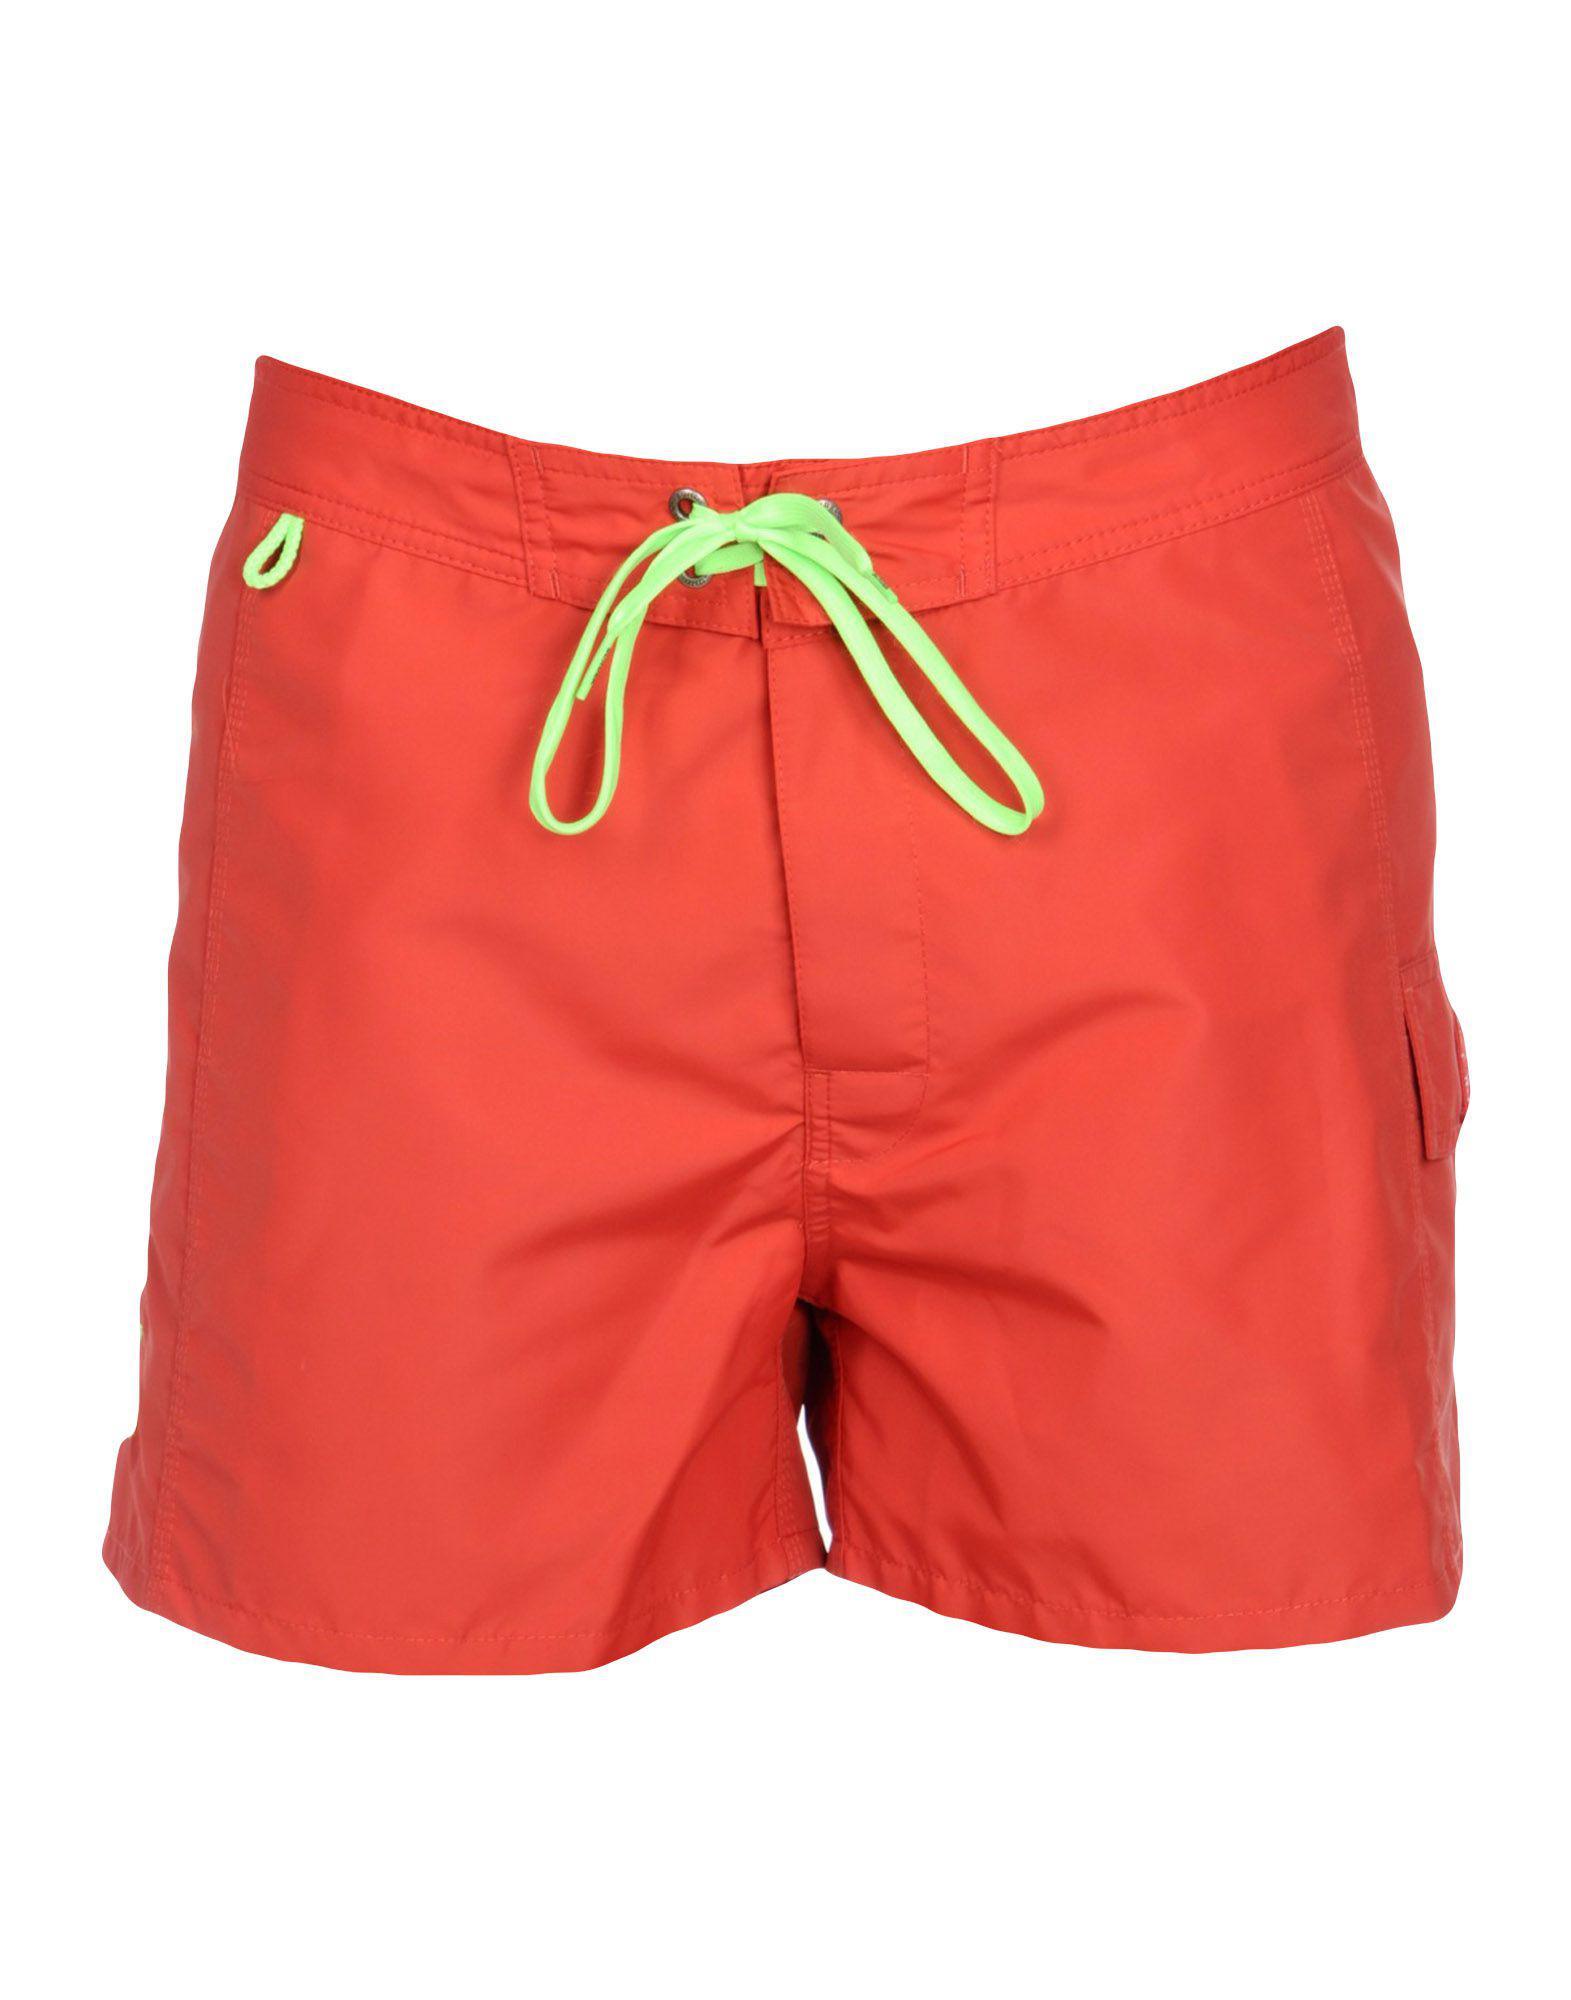 07122d9e14b6d Lyst - Sundek Swim Trunks in Red for Men